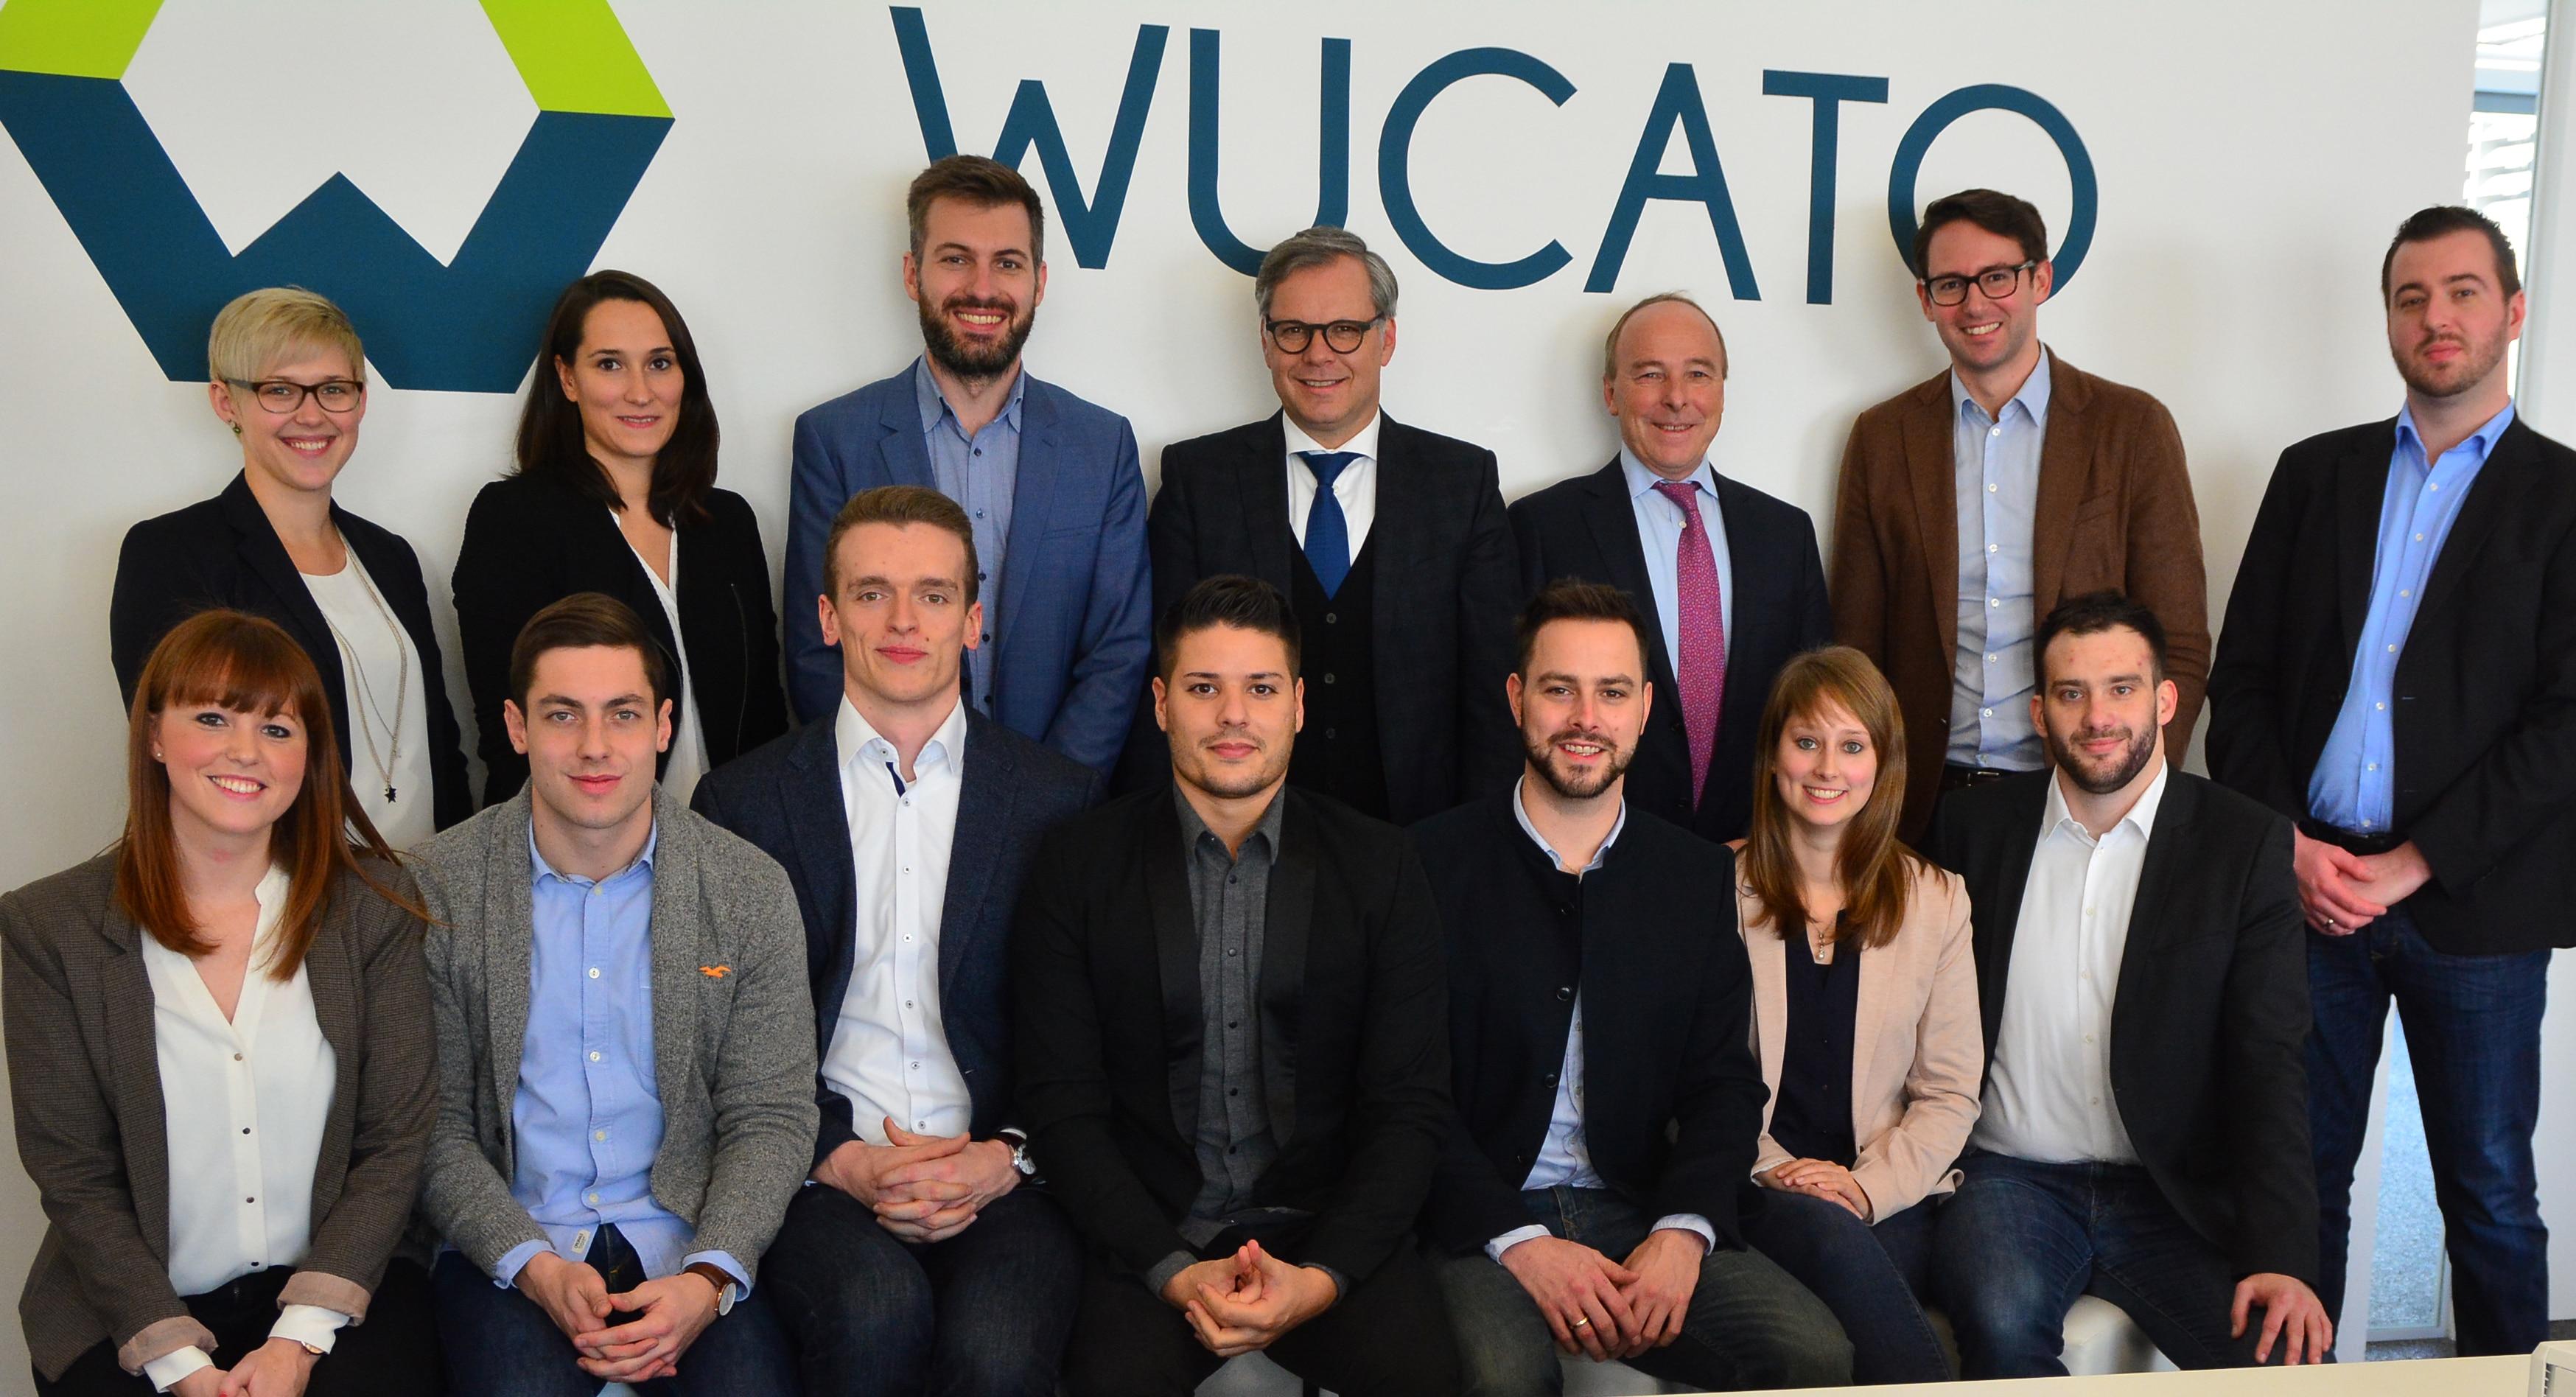 It's alive! Das WUCATO Team bei der Launch Party mit den Würth-Vorständen Bernd Herrmann (obere Reihe, 4. v.l.) und Peter Zürn (obere Reihe, 5. v.l.)